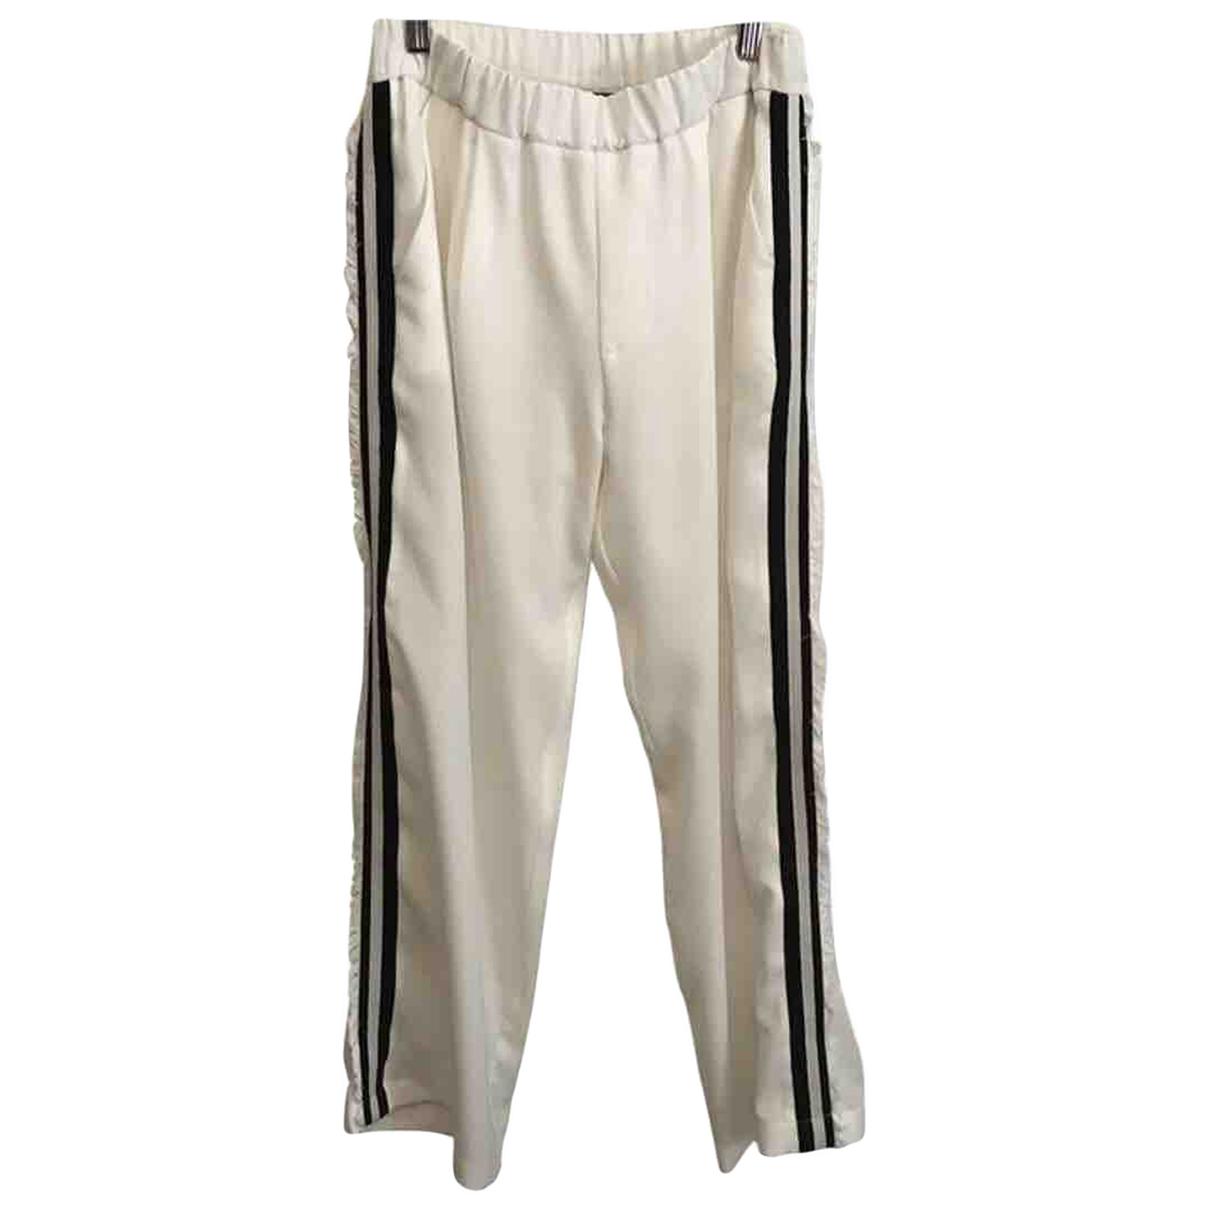 Pantalon en Poliester Blanco John Richmond